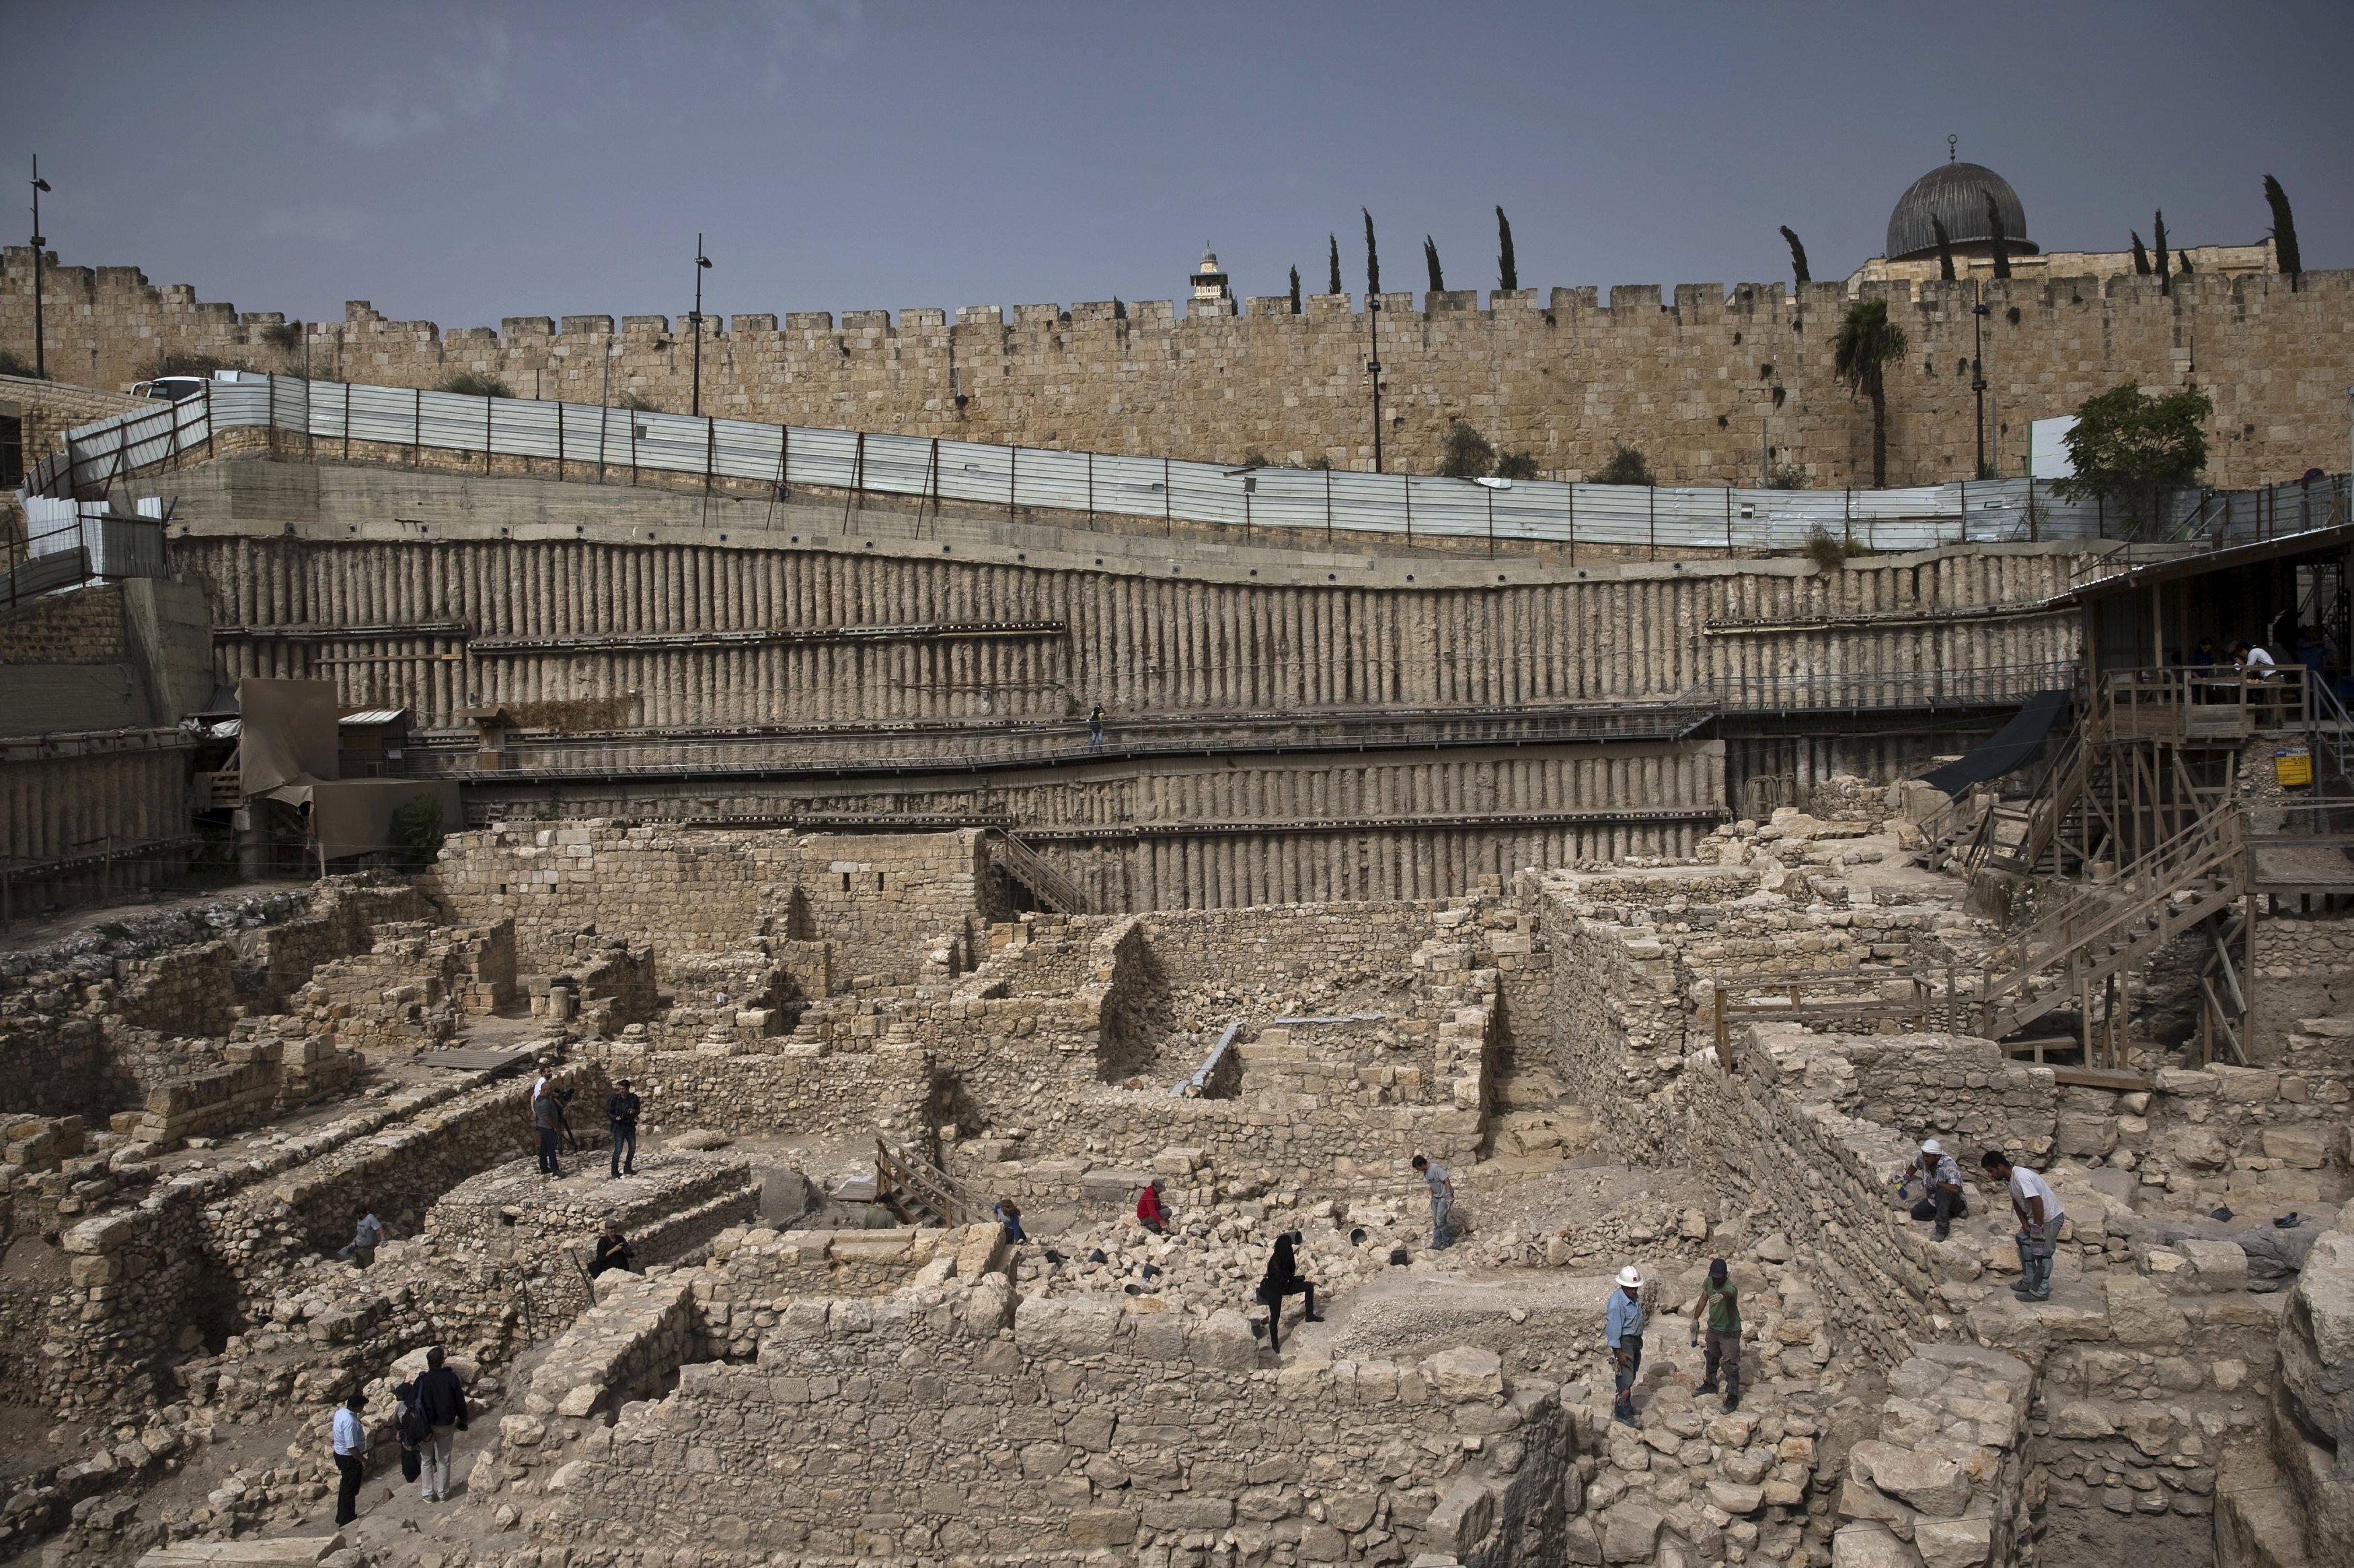 Sejumlah jurnalis dan pekerja otoritas peninggalan sejarah Israel berdiri di tempat yang menurut arkeolog memiliki sisa-sisa benteng Yunani kuno, diluar tembok Kota Tua Yerusalem, Selasa (3/11). Sisa-sisa benteng Yunani kuno ini ditemukan setelah pencarian ratusan tahun, dan dulu merupakan pusat kekuatan di Yerusalem dan benteng untuk melawan pemberontakan yang merayakan hari libur Yahudi Hannukah, menurut arekolog. REUTERS/Ronen Zvulun.